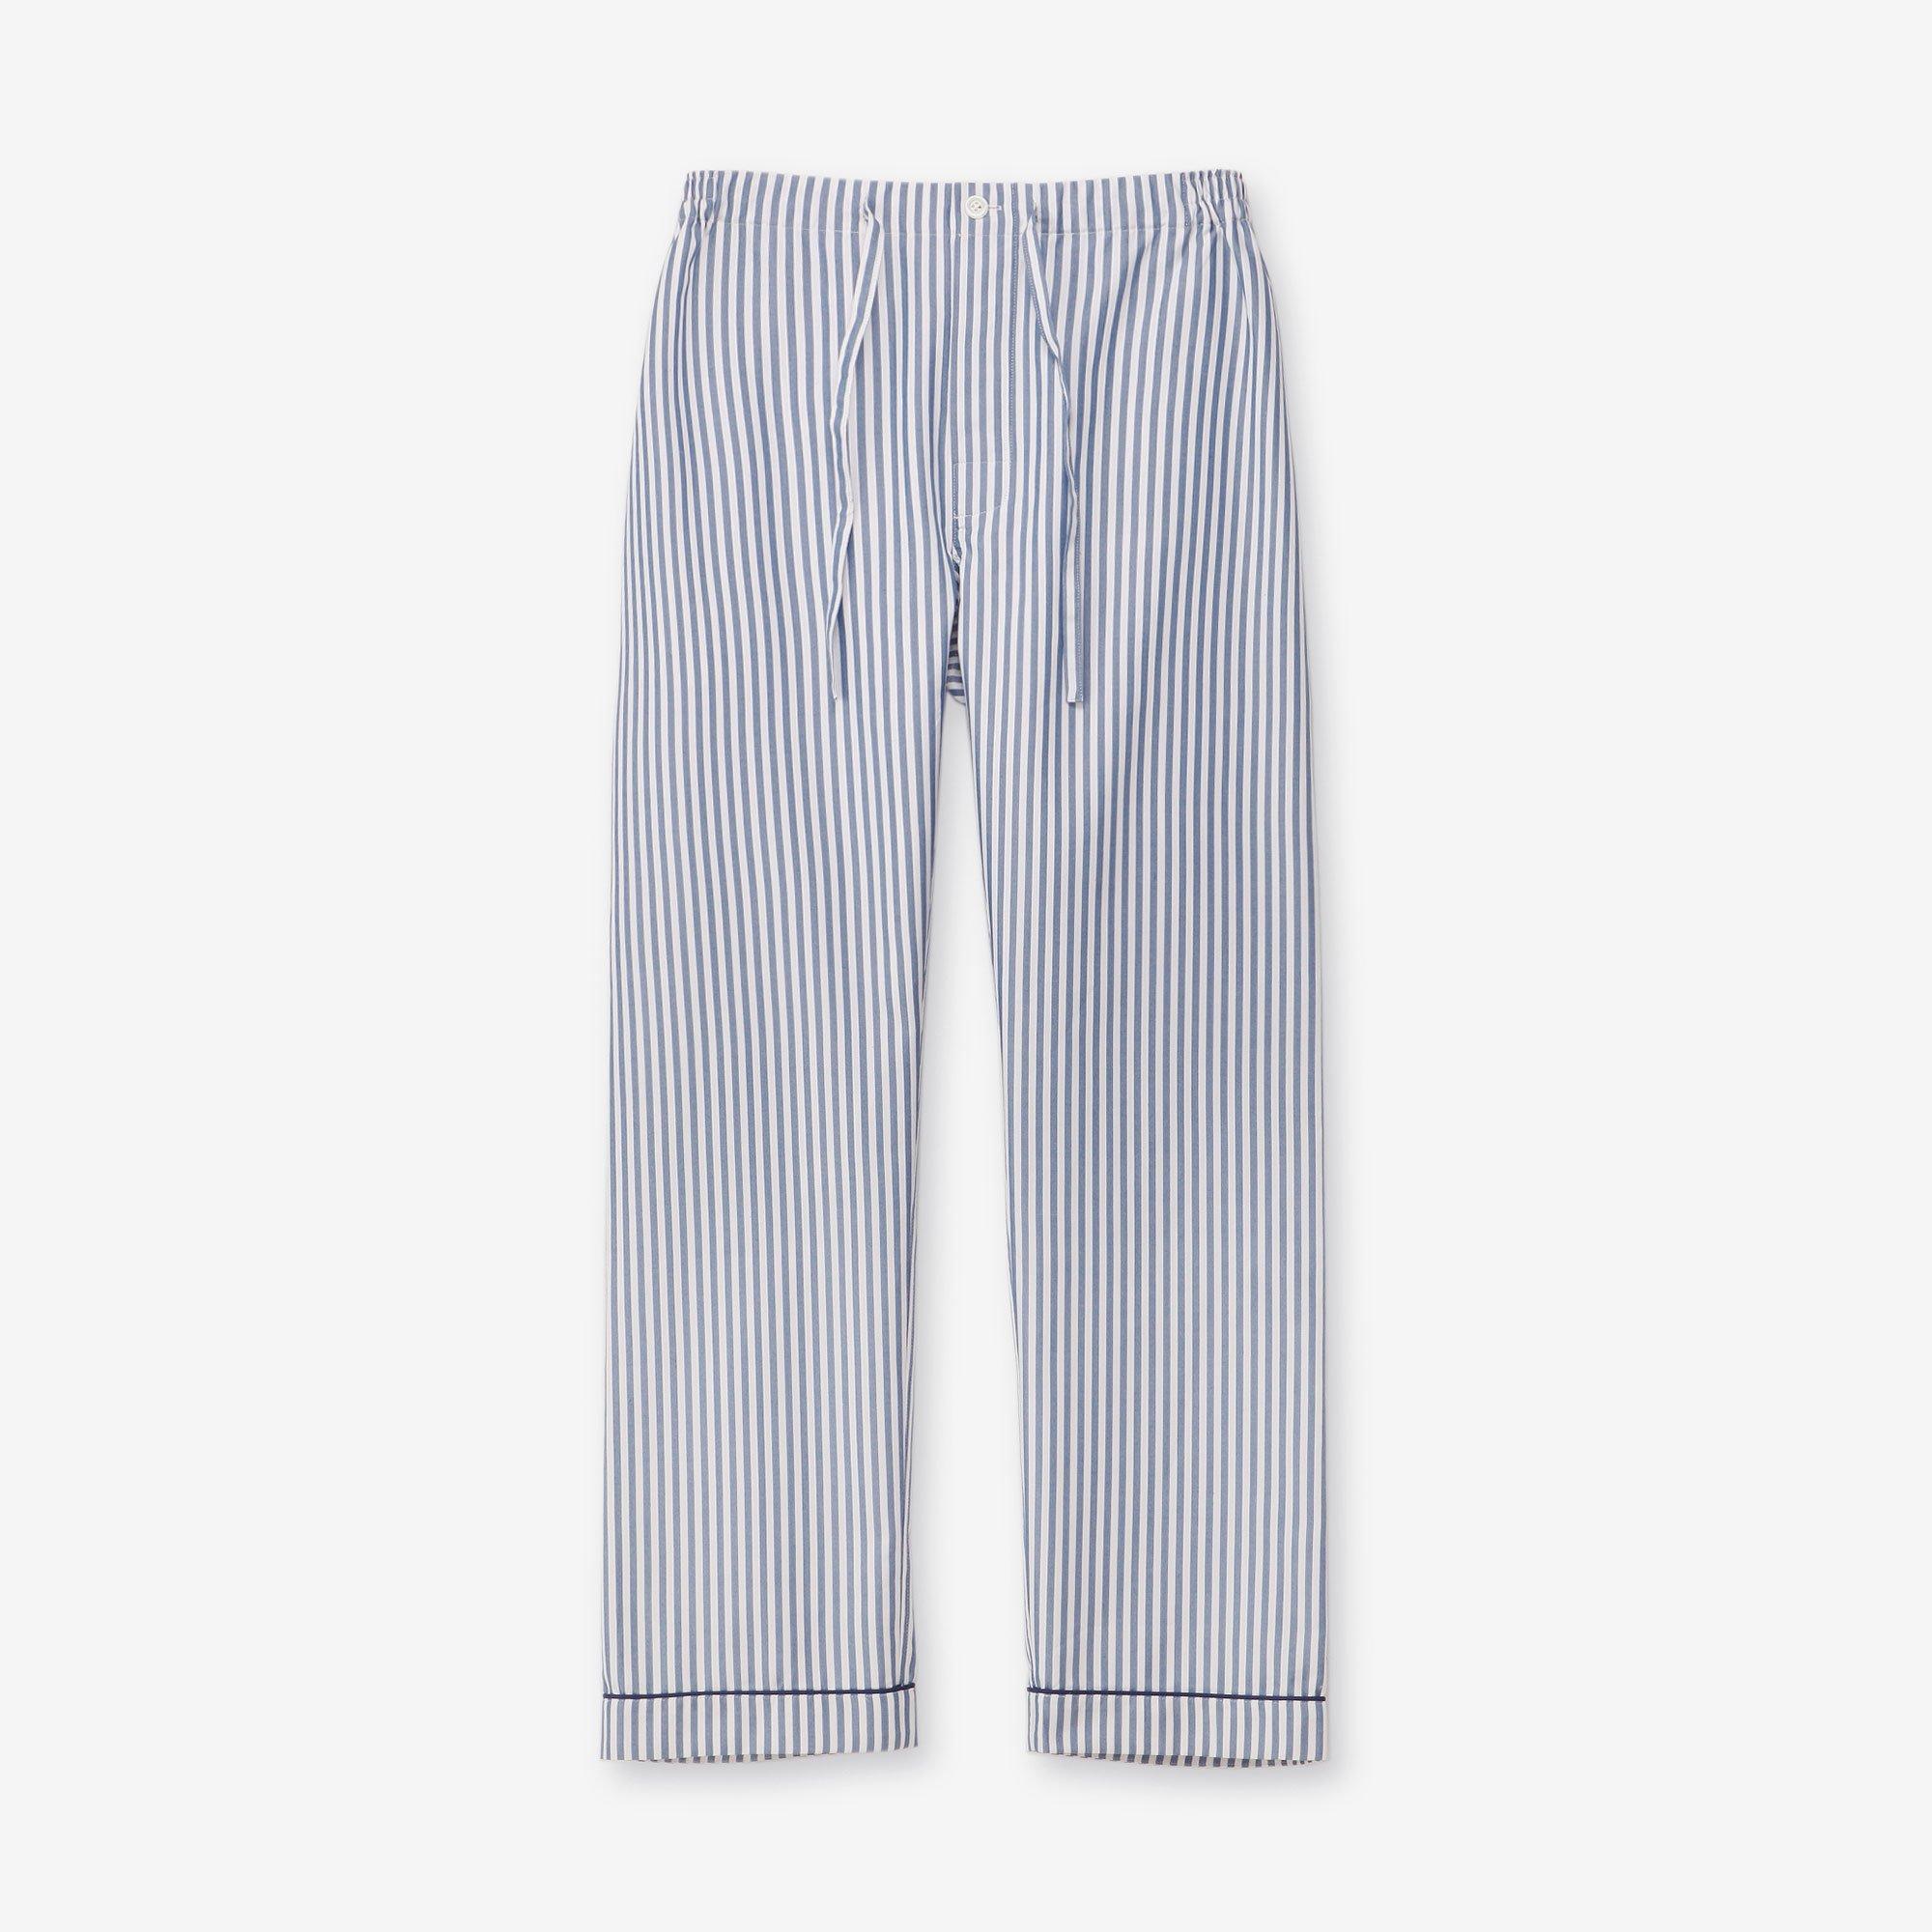 シルク パジャマパンツ / ストライプ ネイビー&ホワイト